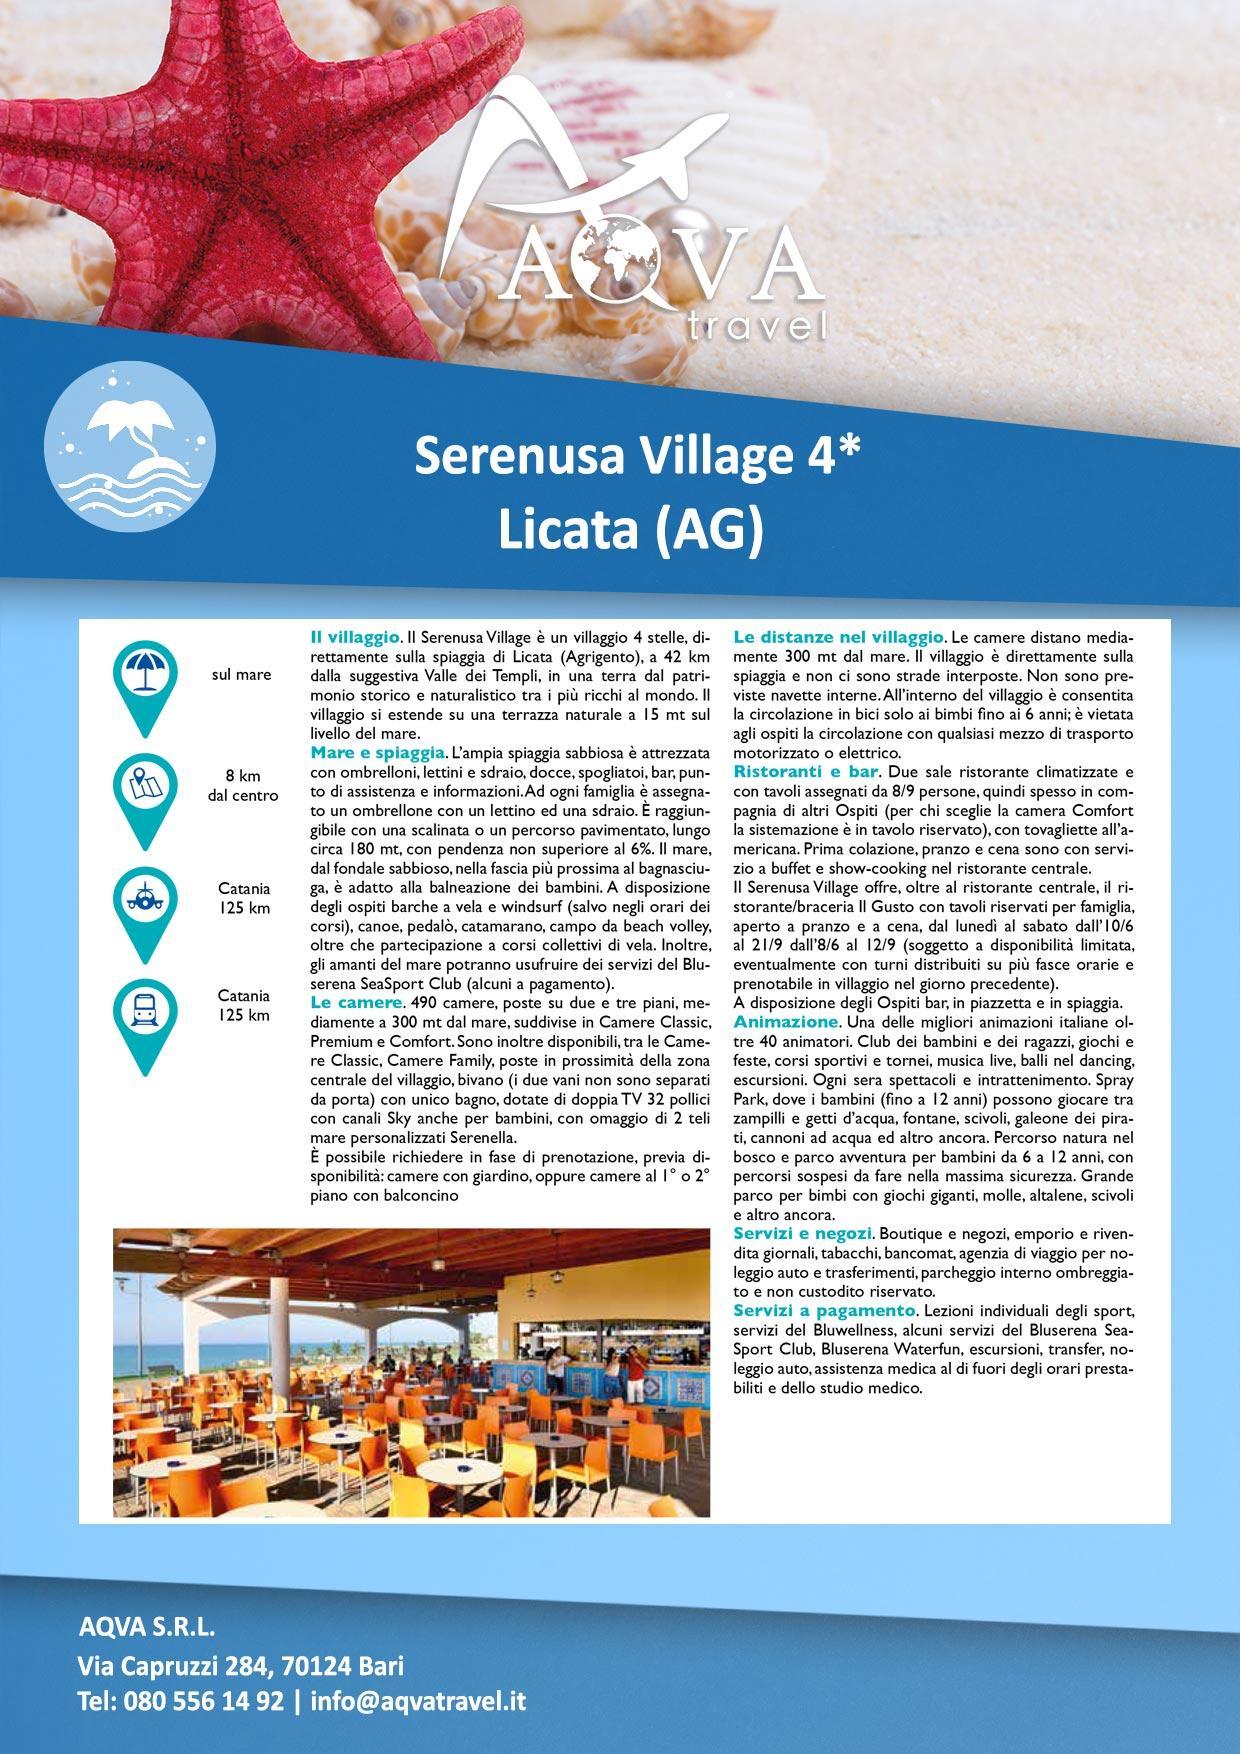 Serenusa-Village-4-Licata-(AG)-Mare-offerte-agenzia-di-viaggi-Bari-AQVATRAVEL-it